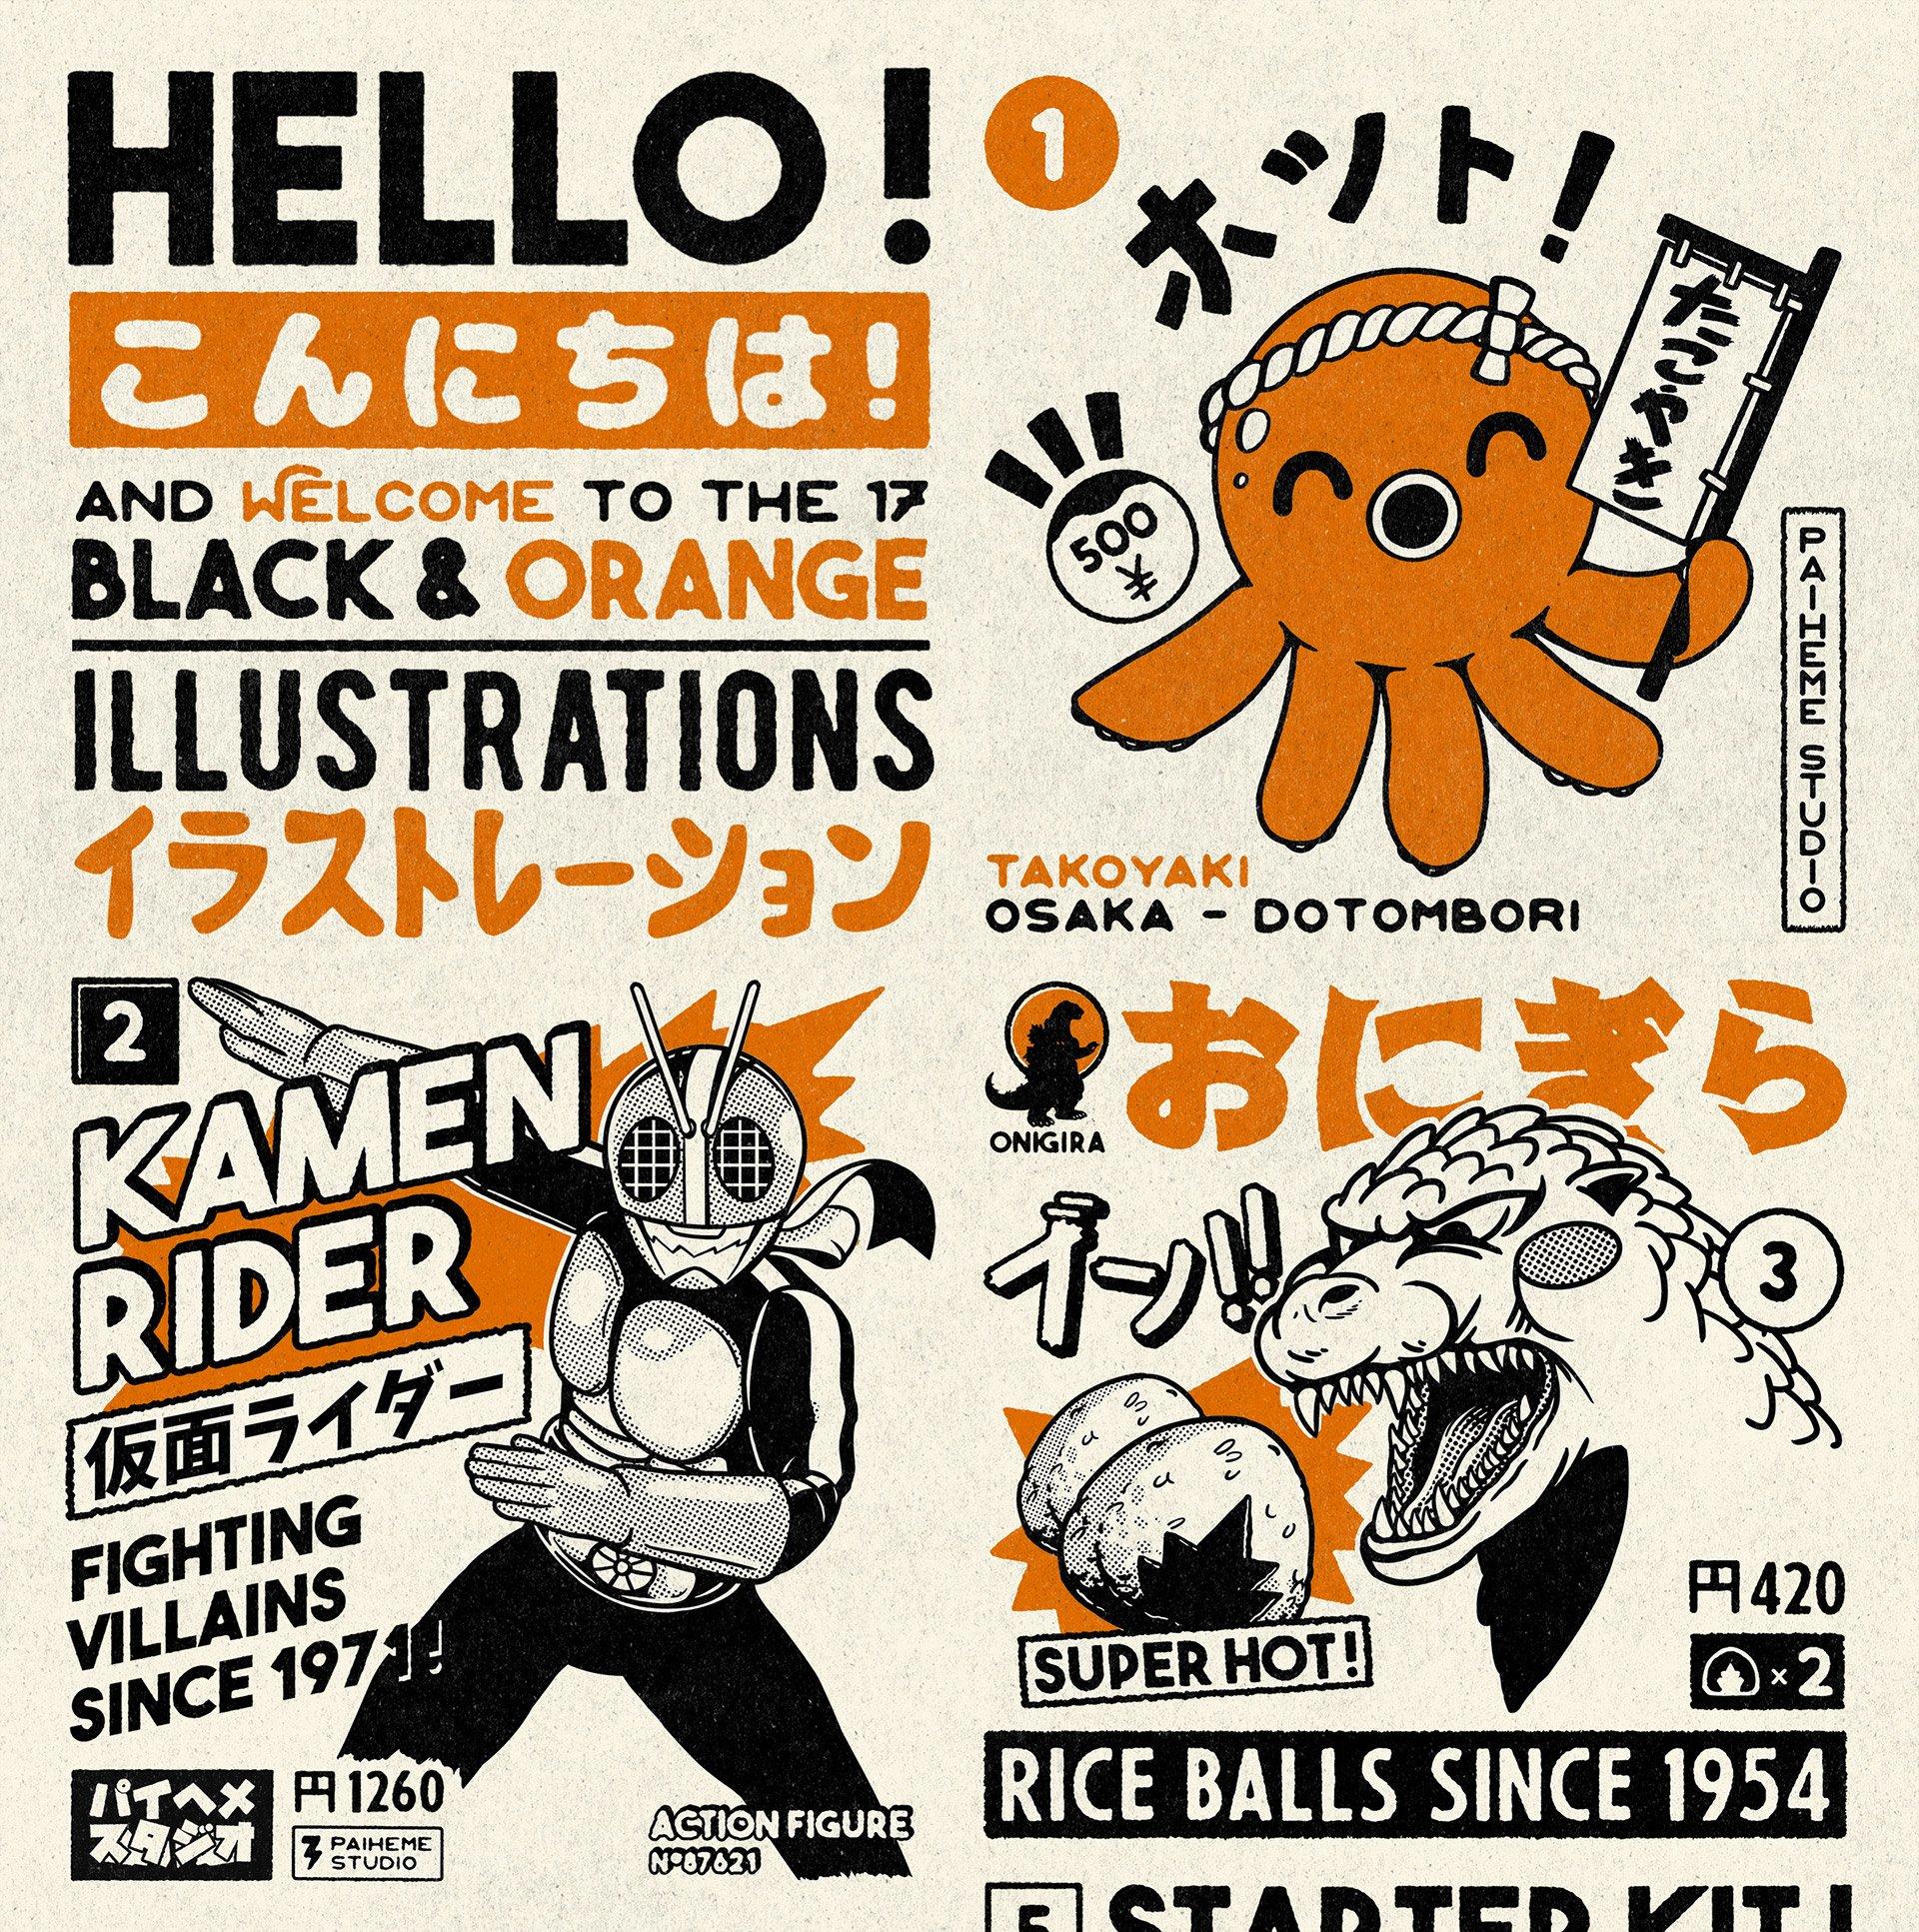 Paiheme复古日式风插画设计